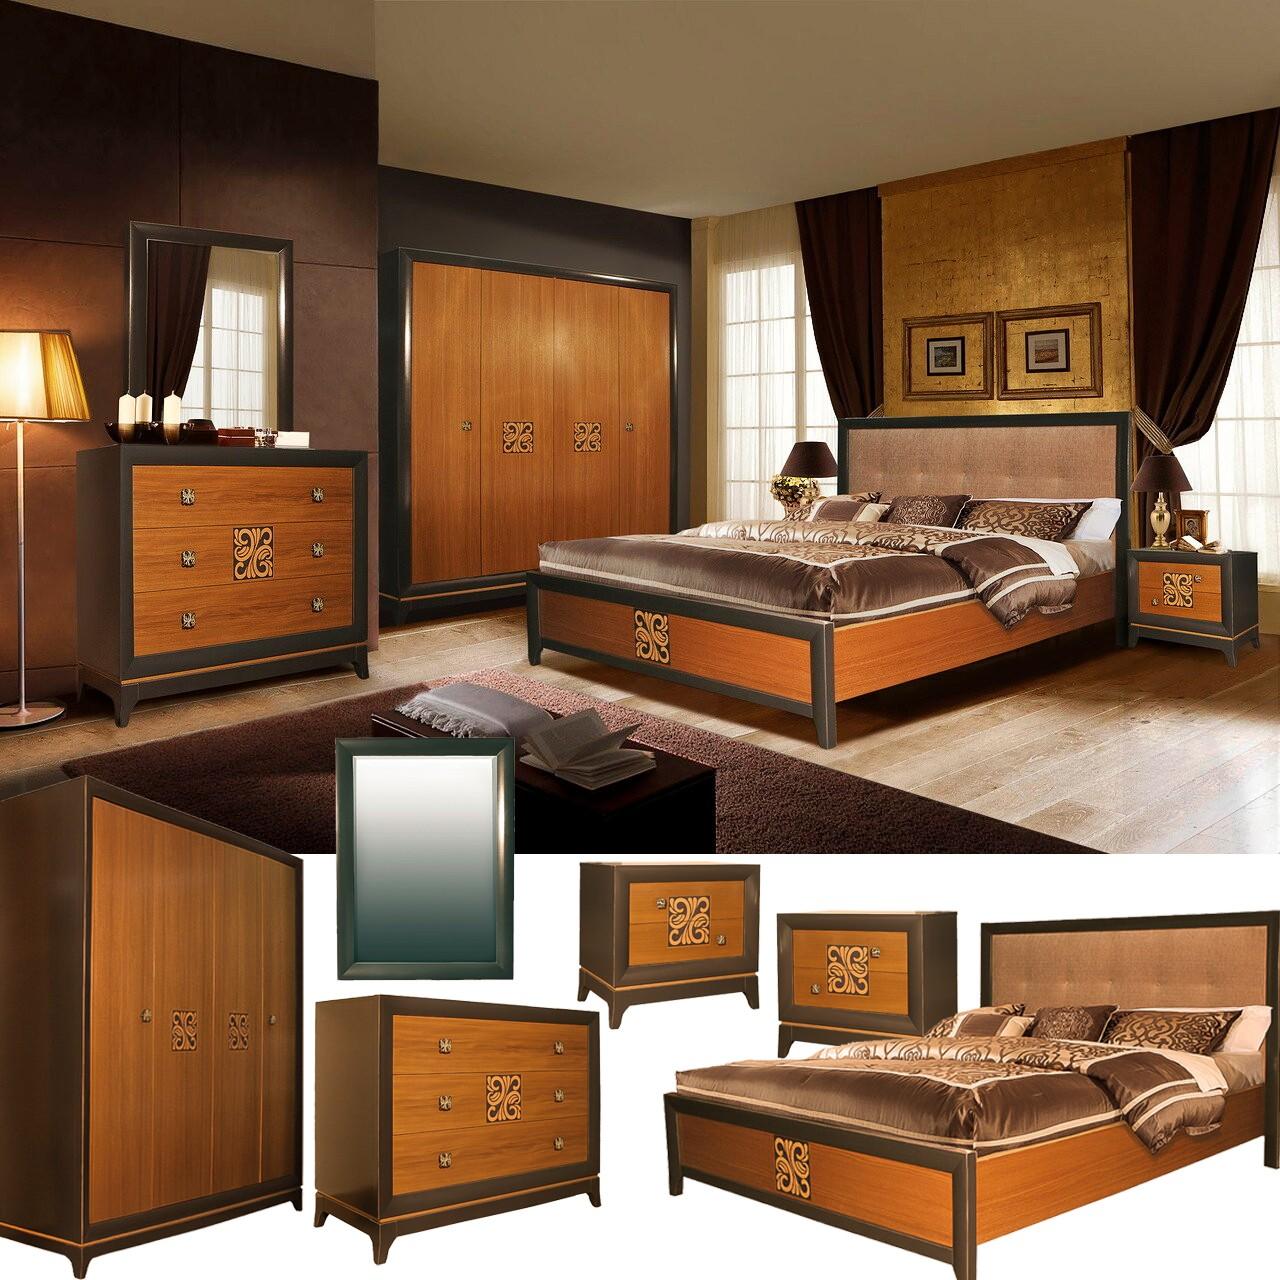 Full Size of Schlafzimmer Komplett Designer Set Dakota Komplettes Kommode Regal Mit Lattenrost Und Matratze überbau Schrank Bett 160x200 Komplettangebote Teppich Dusche Wohnzimmer Schlafzimmer Komplett